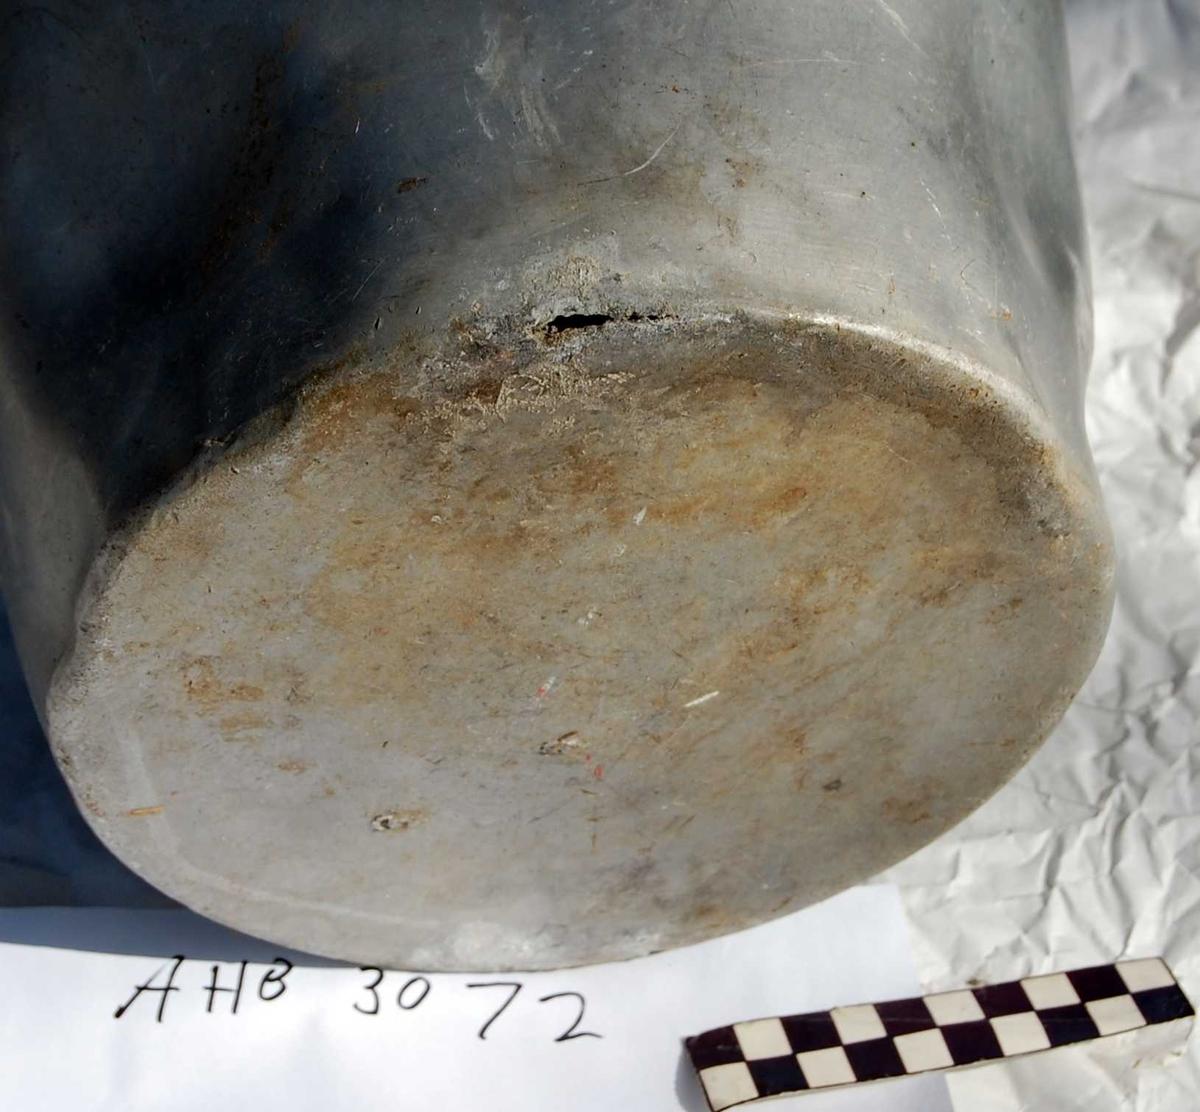 Bøtte i aluminium med stålhank. Trolig produsert som melkebøtte. Sist brukt som askebøtte. Asken har tæret hull i bunnen av bøtta.